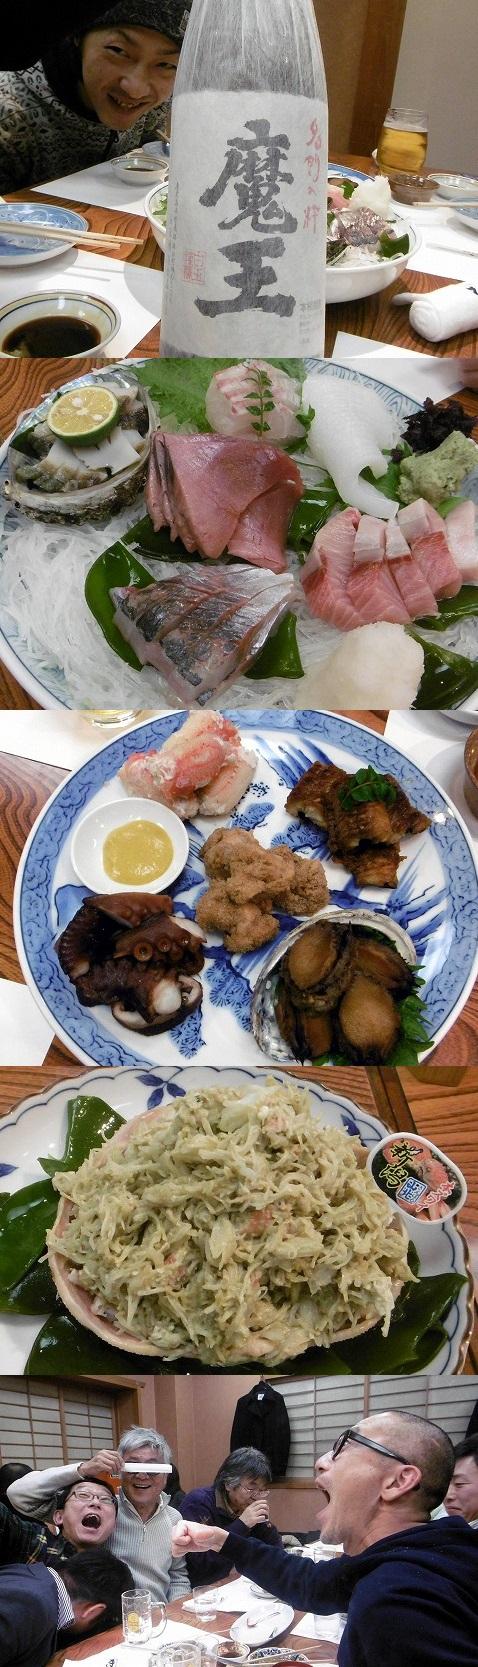 20150121お食事会